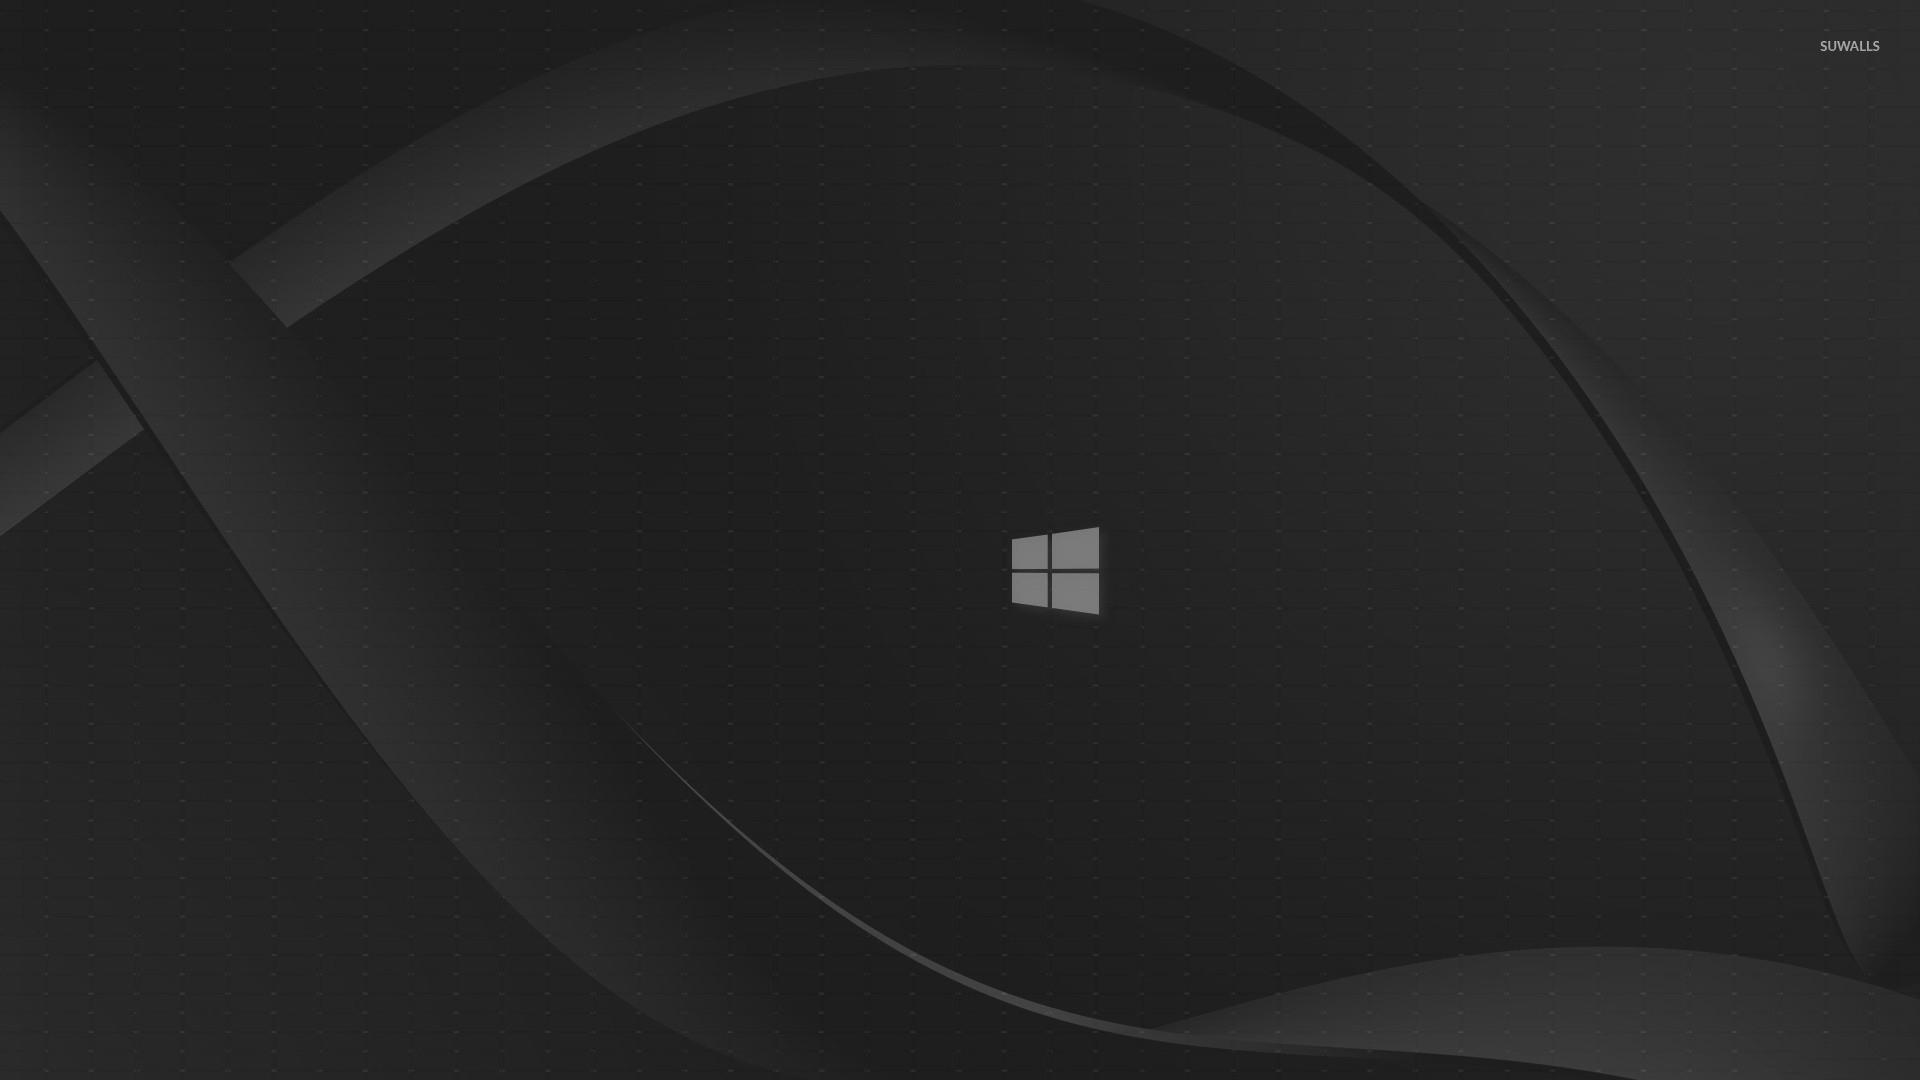 Windows 10 wallpaper 1920x1080 superbwallpaperscom 1920x1080